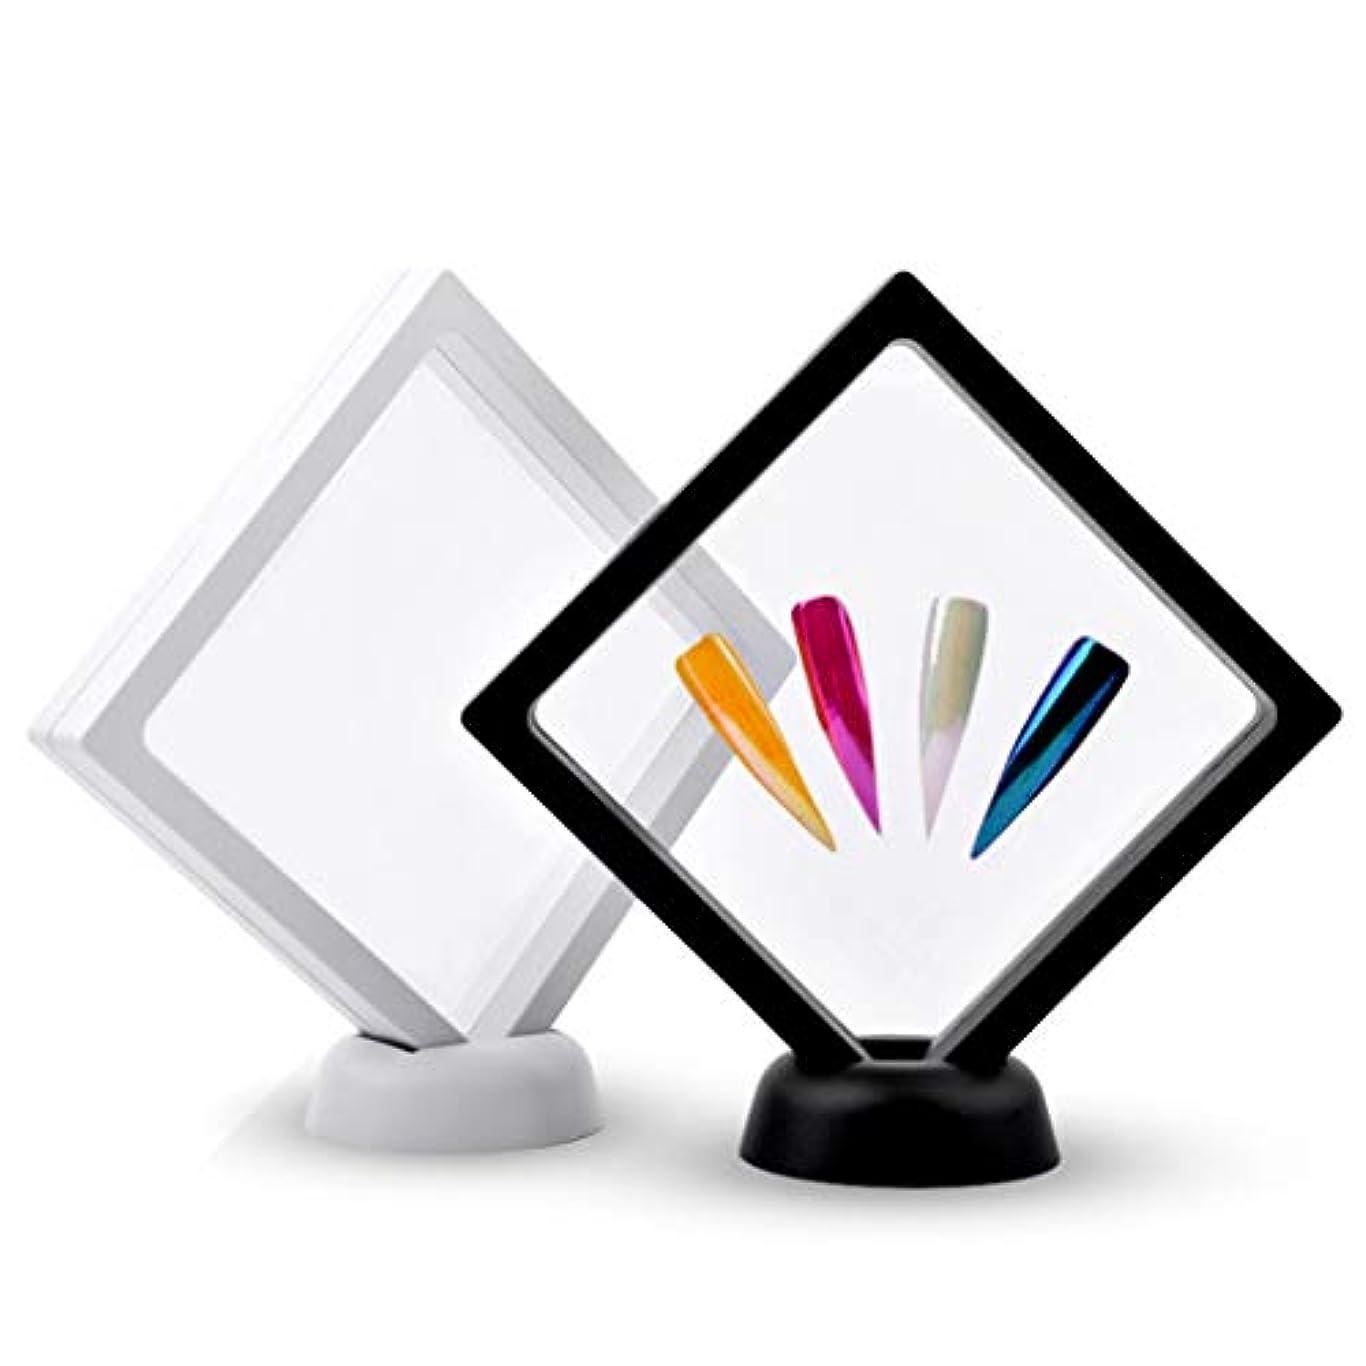 証拠好ましいシミュレートするP Prettyia 2本 ネイルアートボード ネイルアート ディスプレイ 絵画用ボード DIY